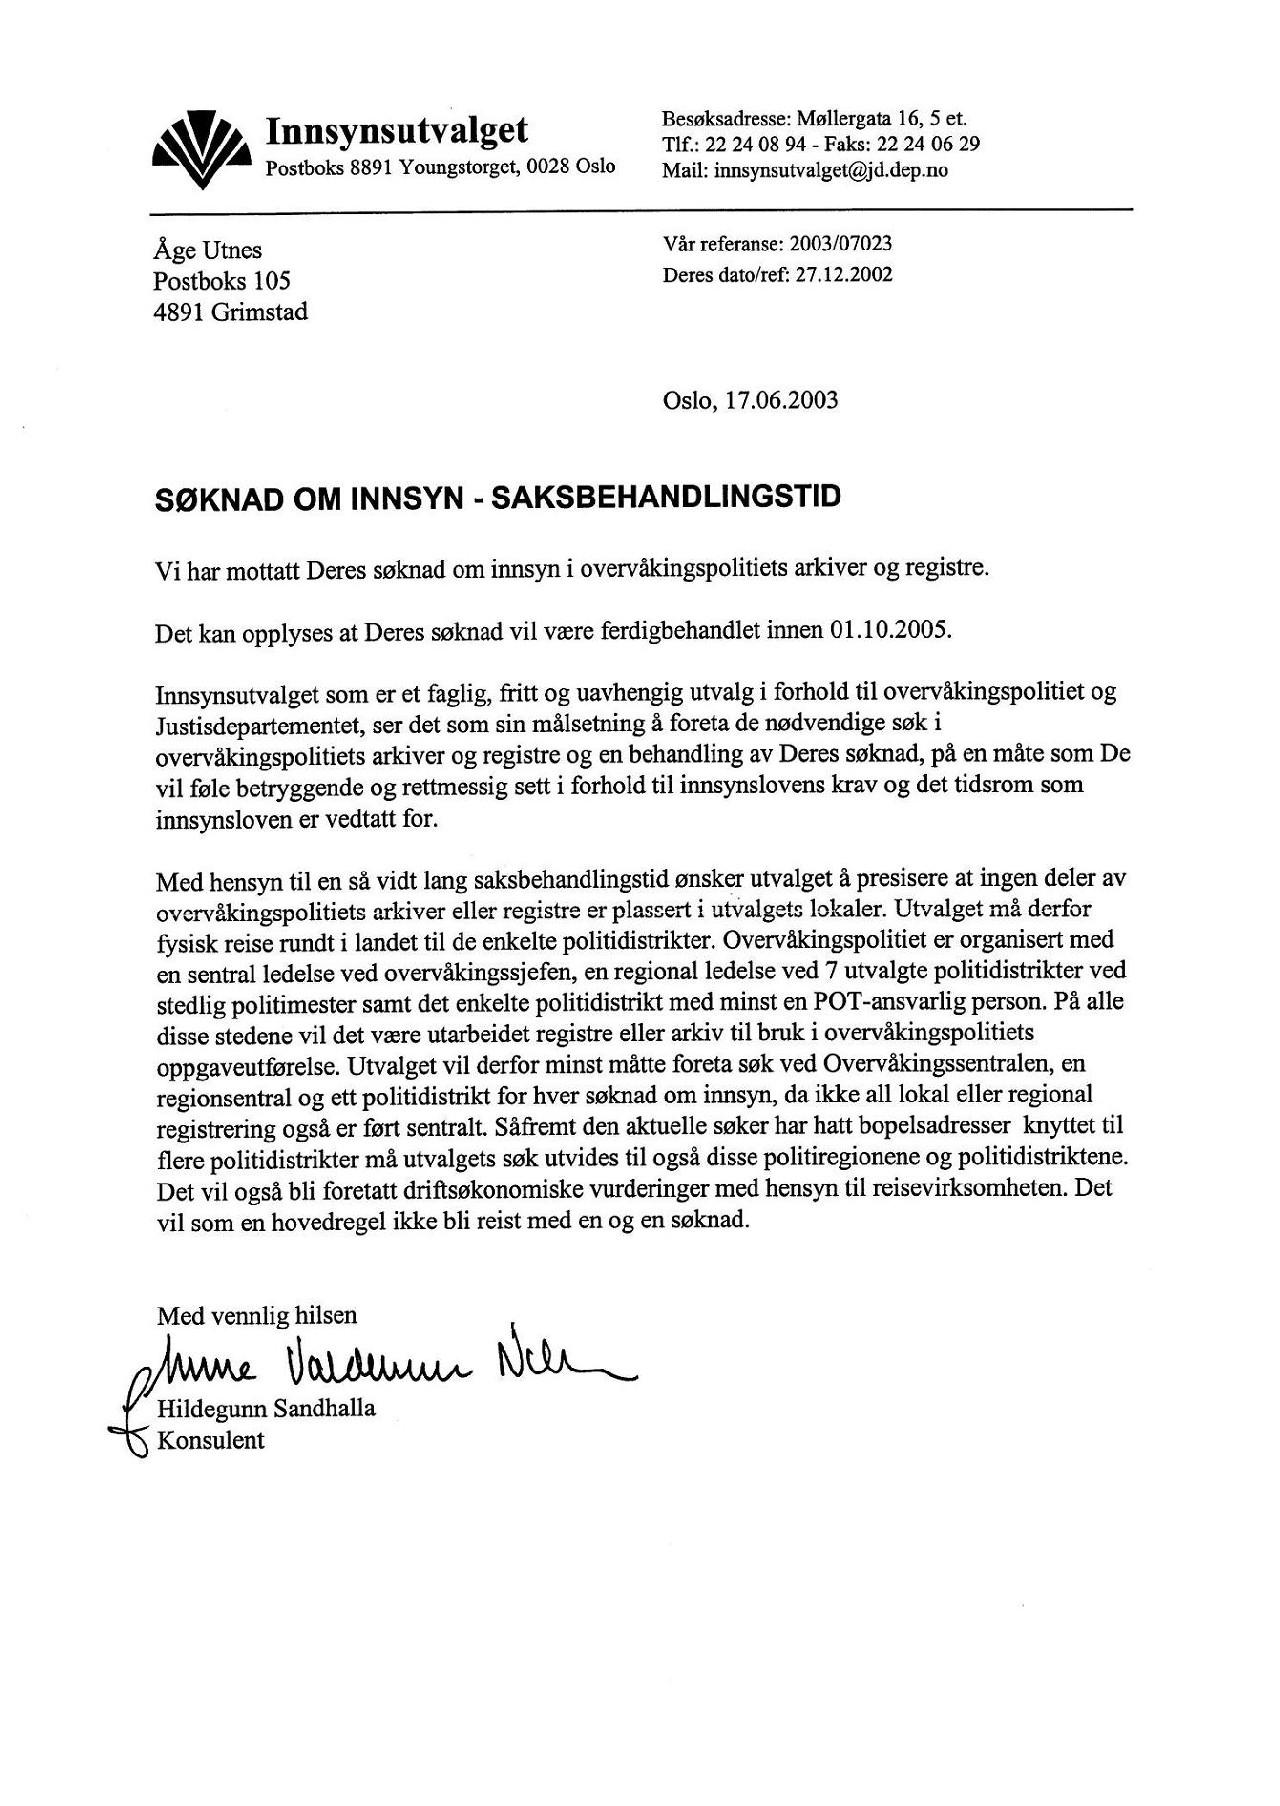 POT :: Innsynsutvalgets gjennomgang av 'mappa mi' hos Overvåkningspolitiet og Politiets Overvåkningstjeneste :: (2003-2005)